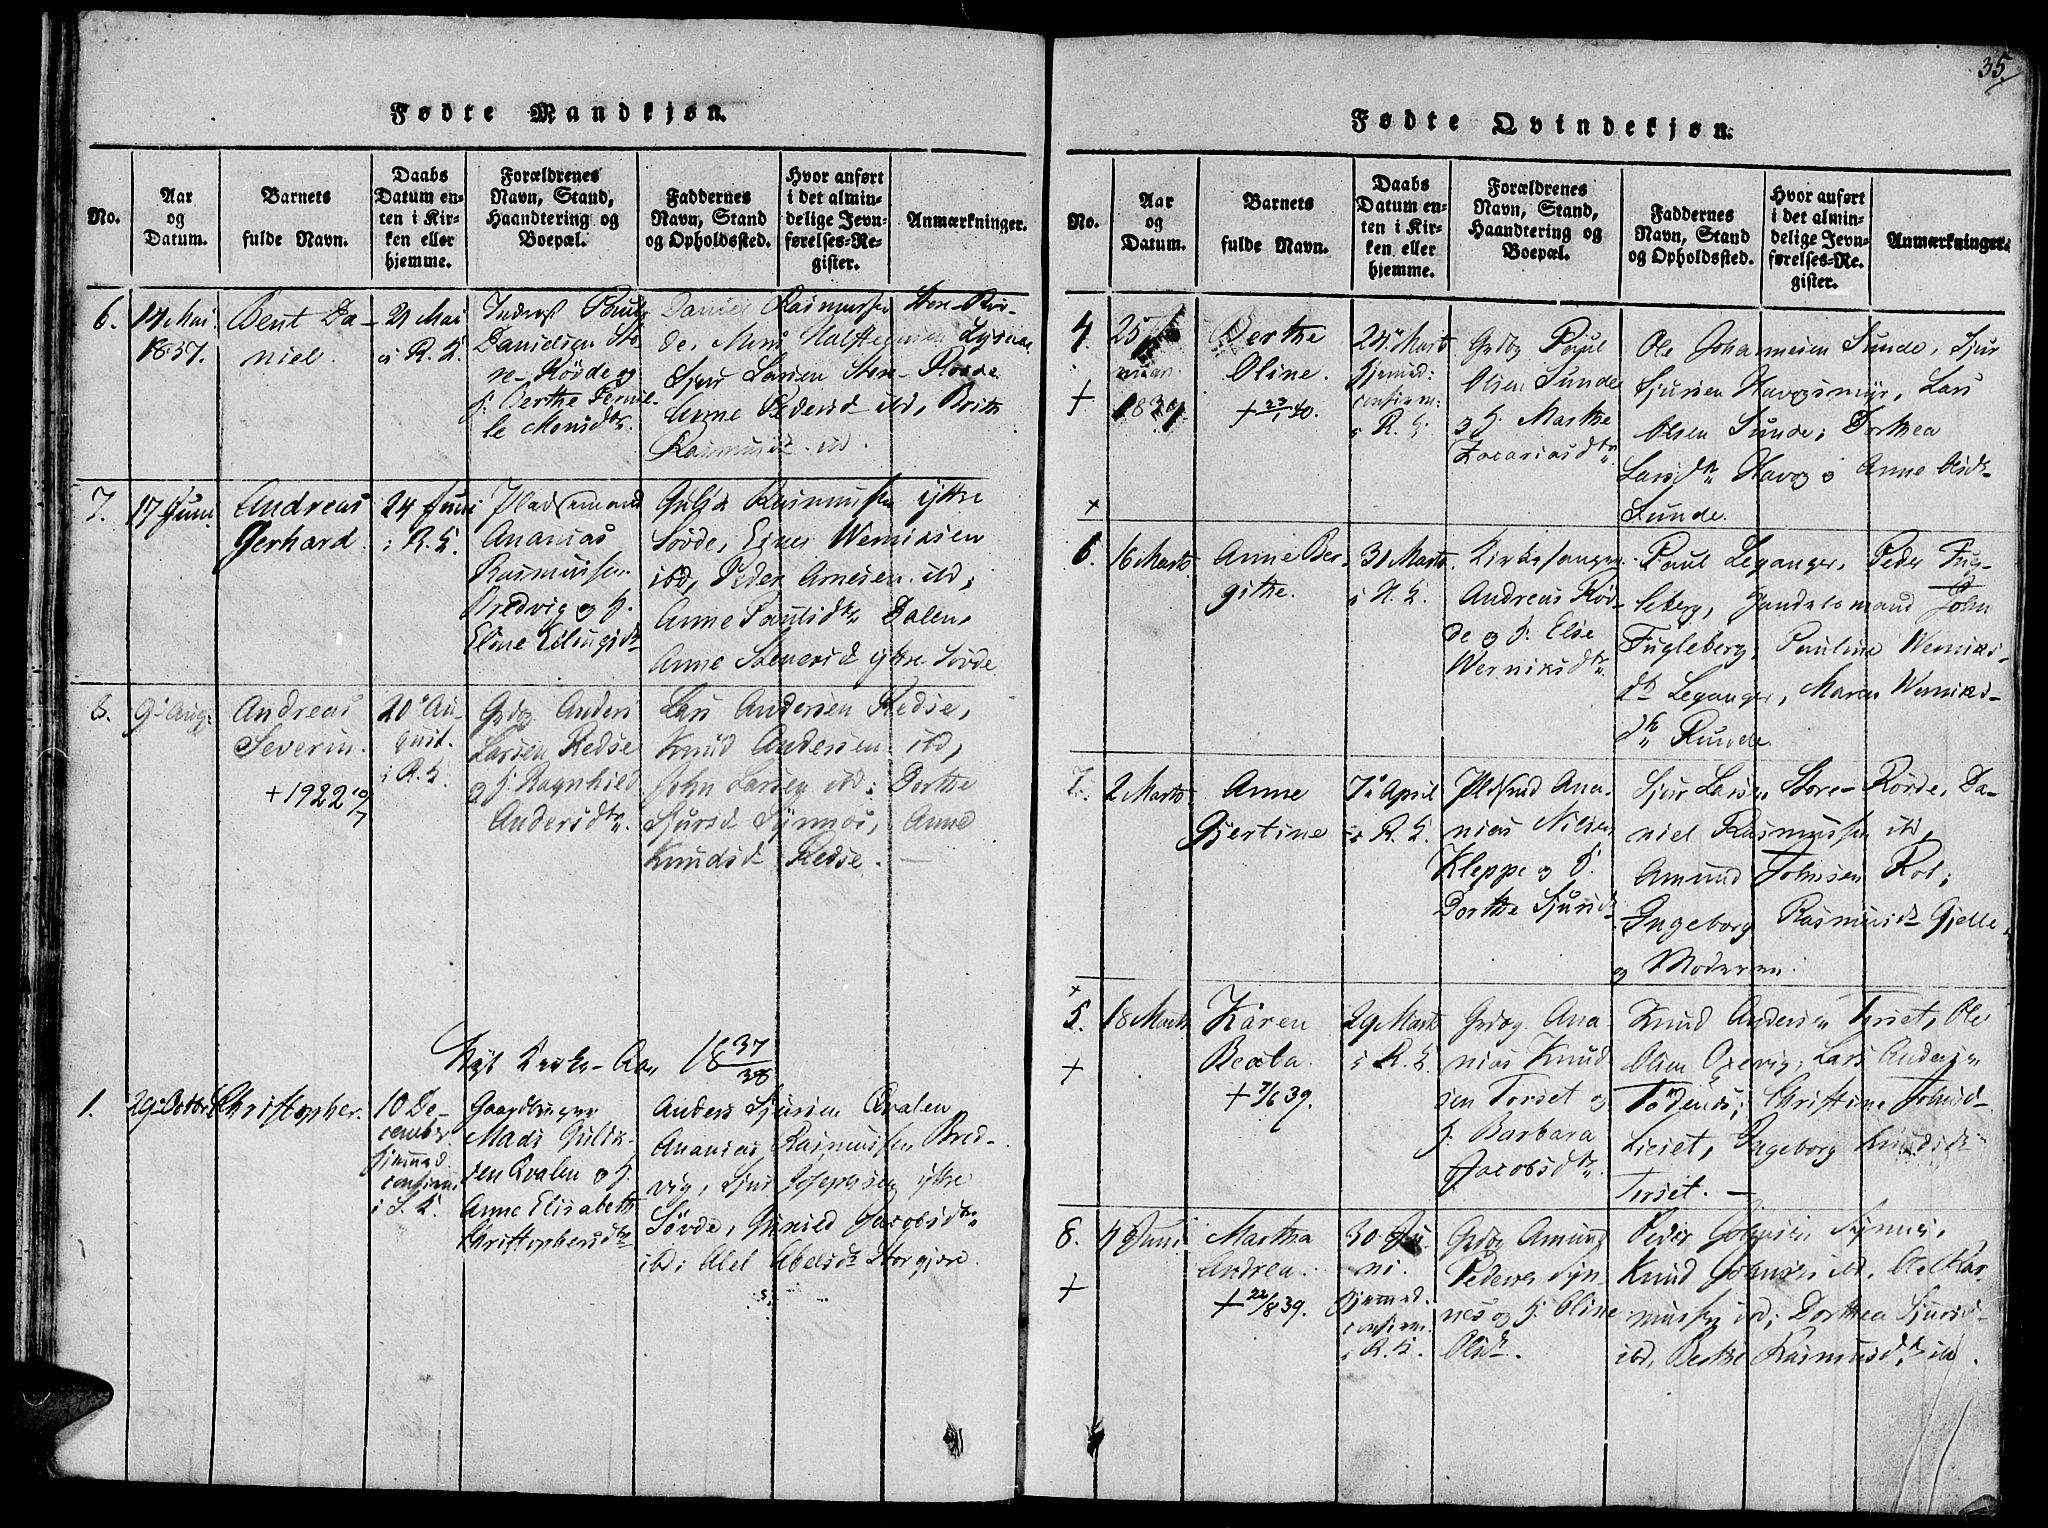 SAT, Ministerialprotokoller, klokkerbøker og fødselsregistre - Møre og Romsdal, 504/L0054: Ministerialbok nr. 504A01, 1816-1861, s. 35